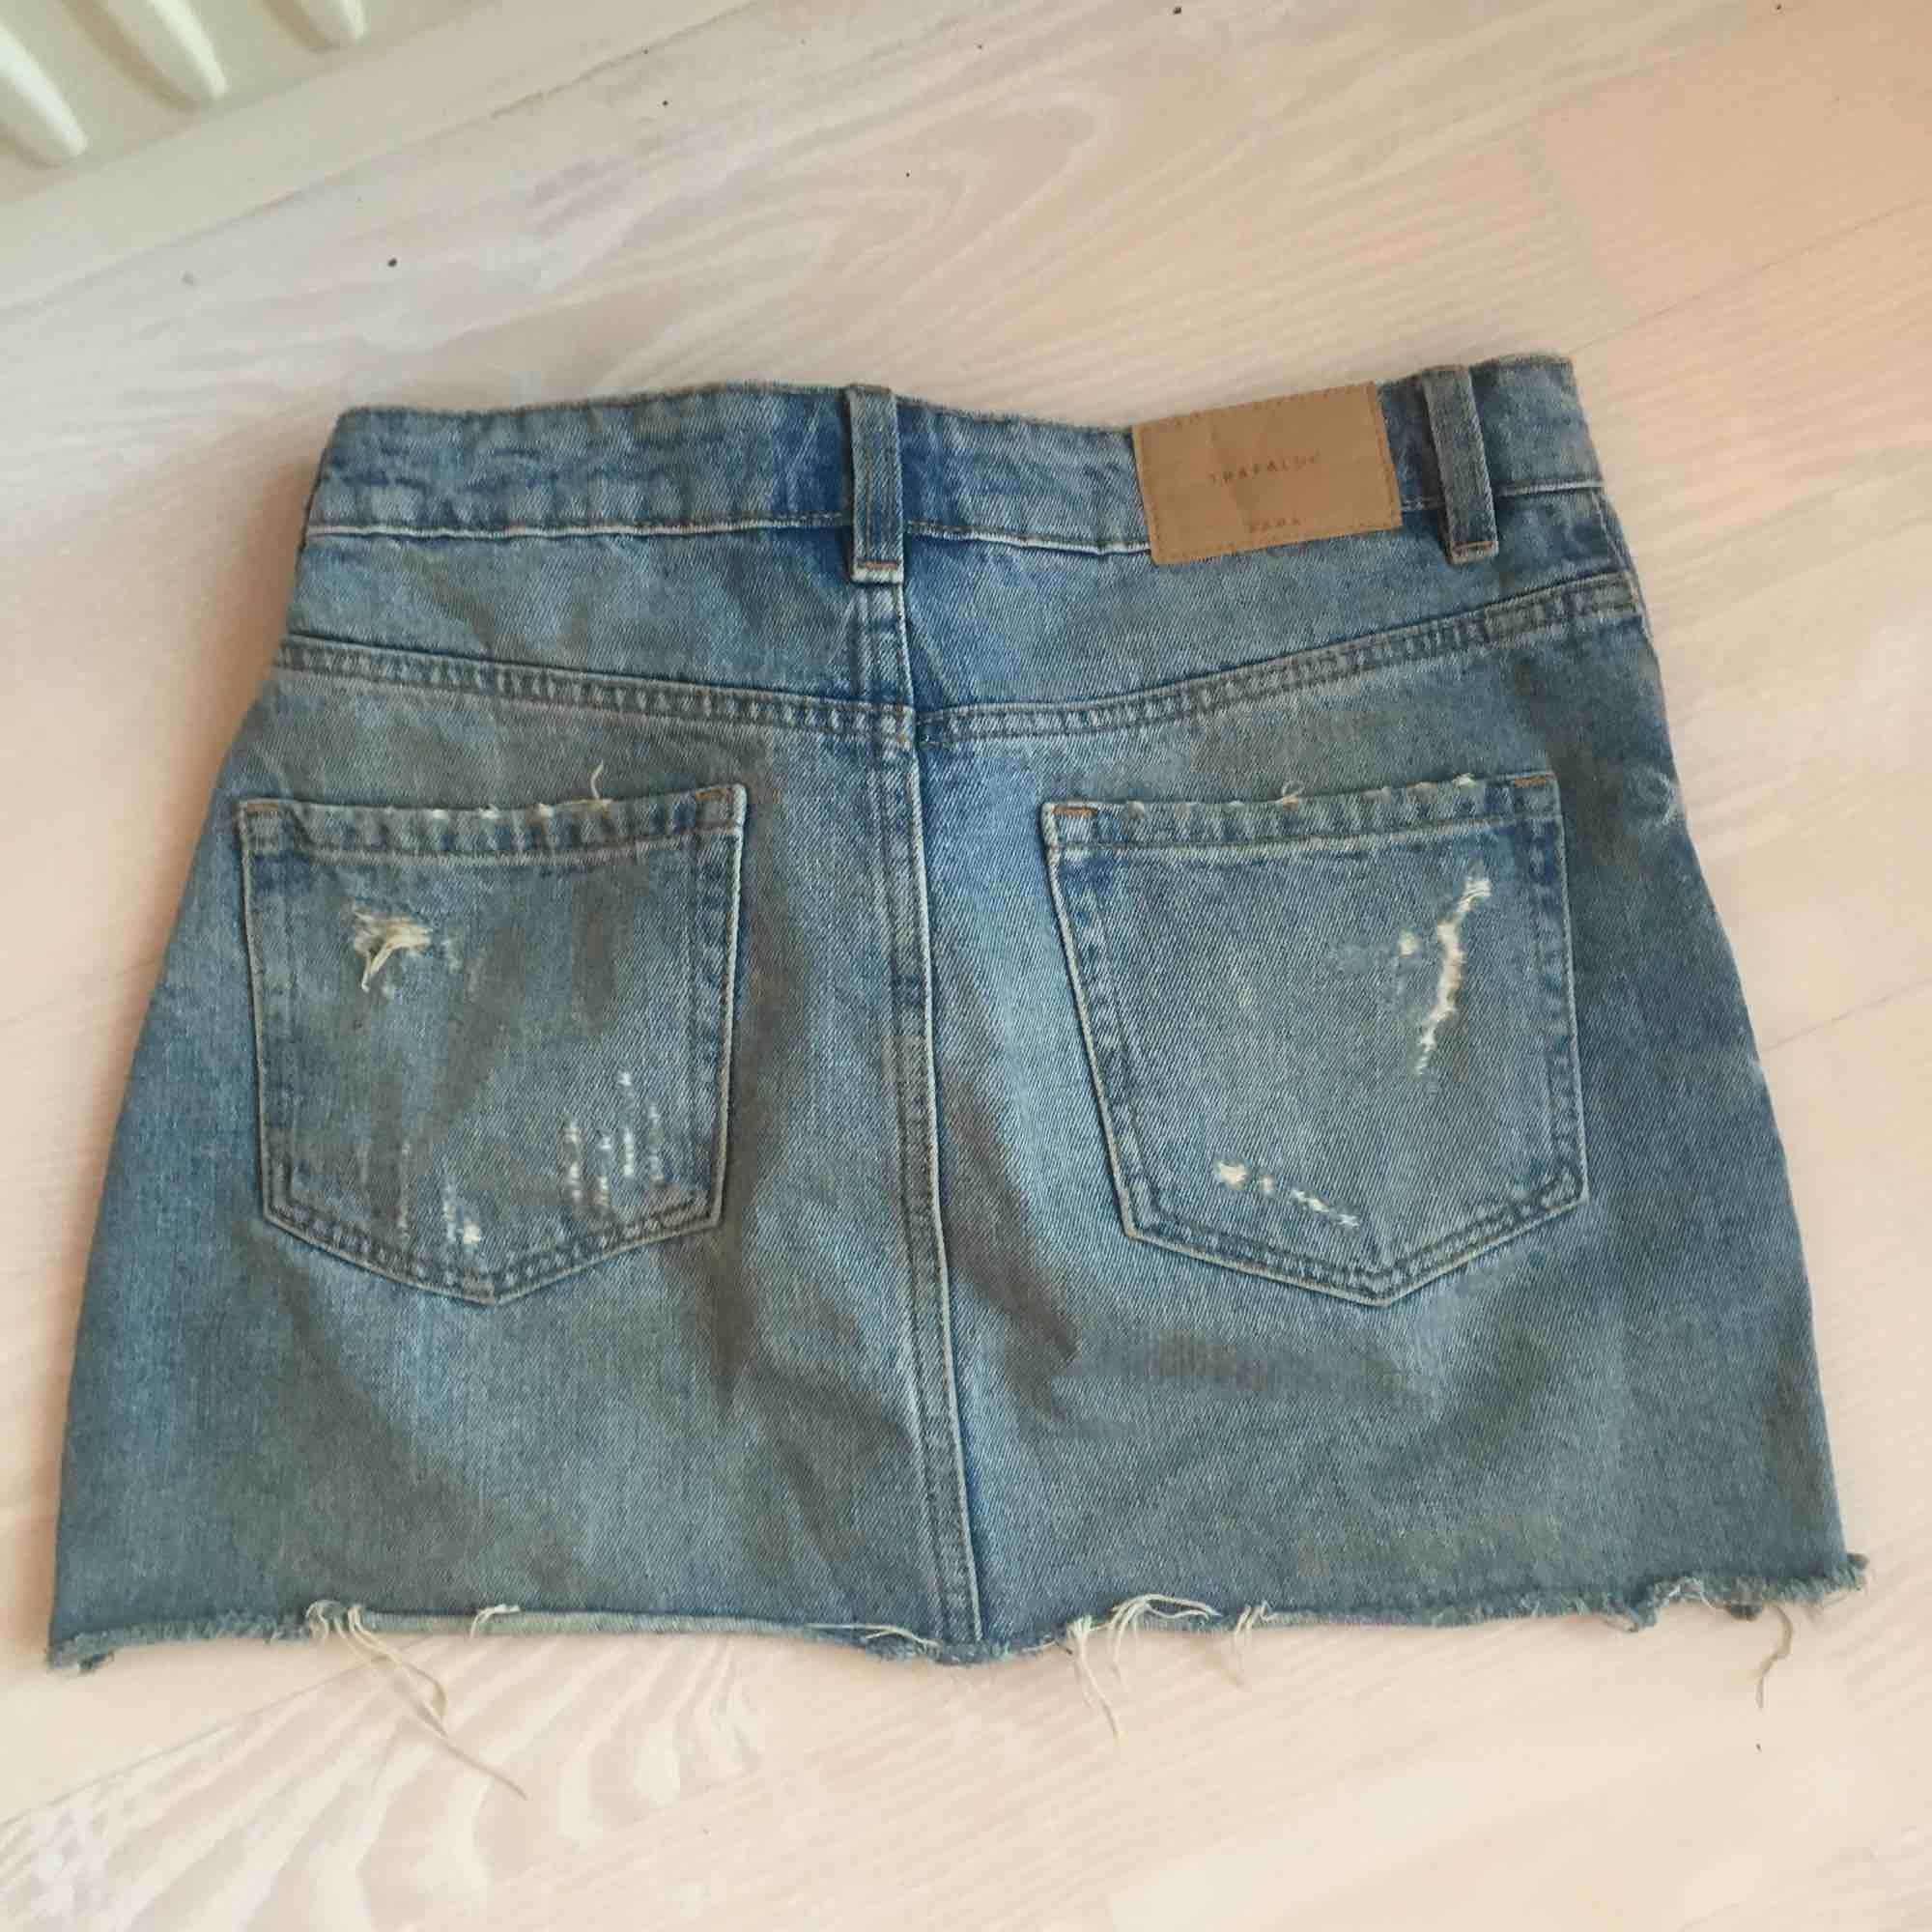 Kort mellanblå jeanskjol från Zara, med slitningar. Frakt ingår inte i priset (50kr). Kjolar.